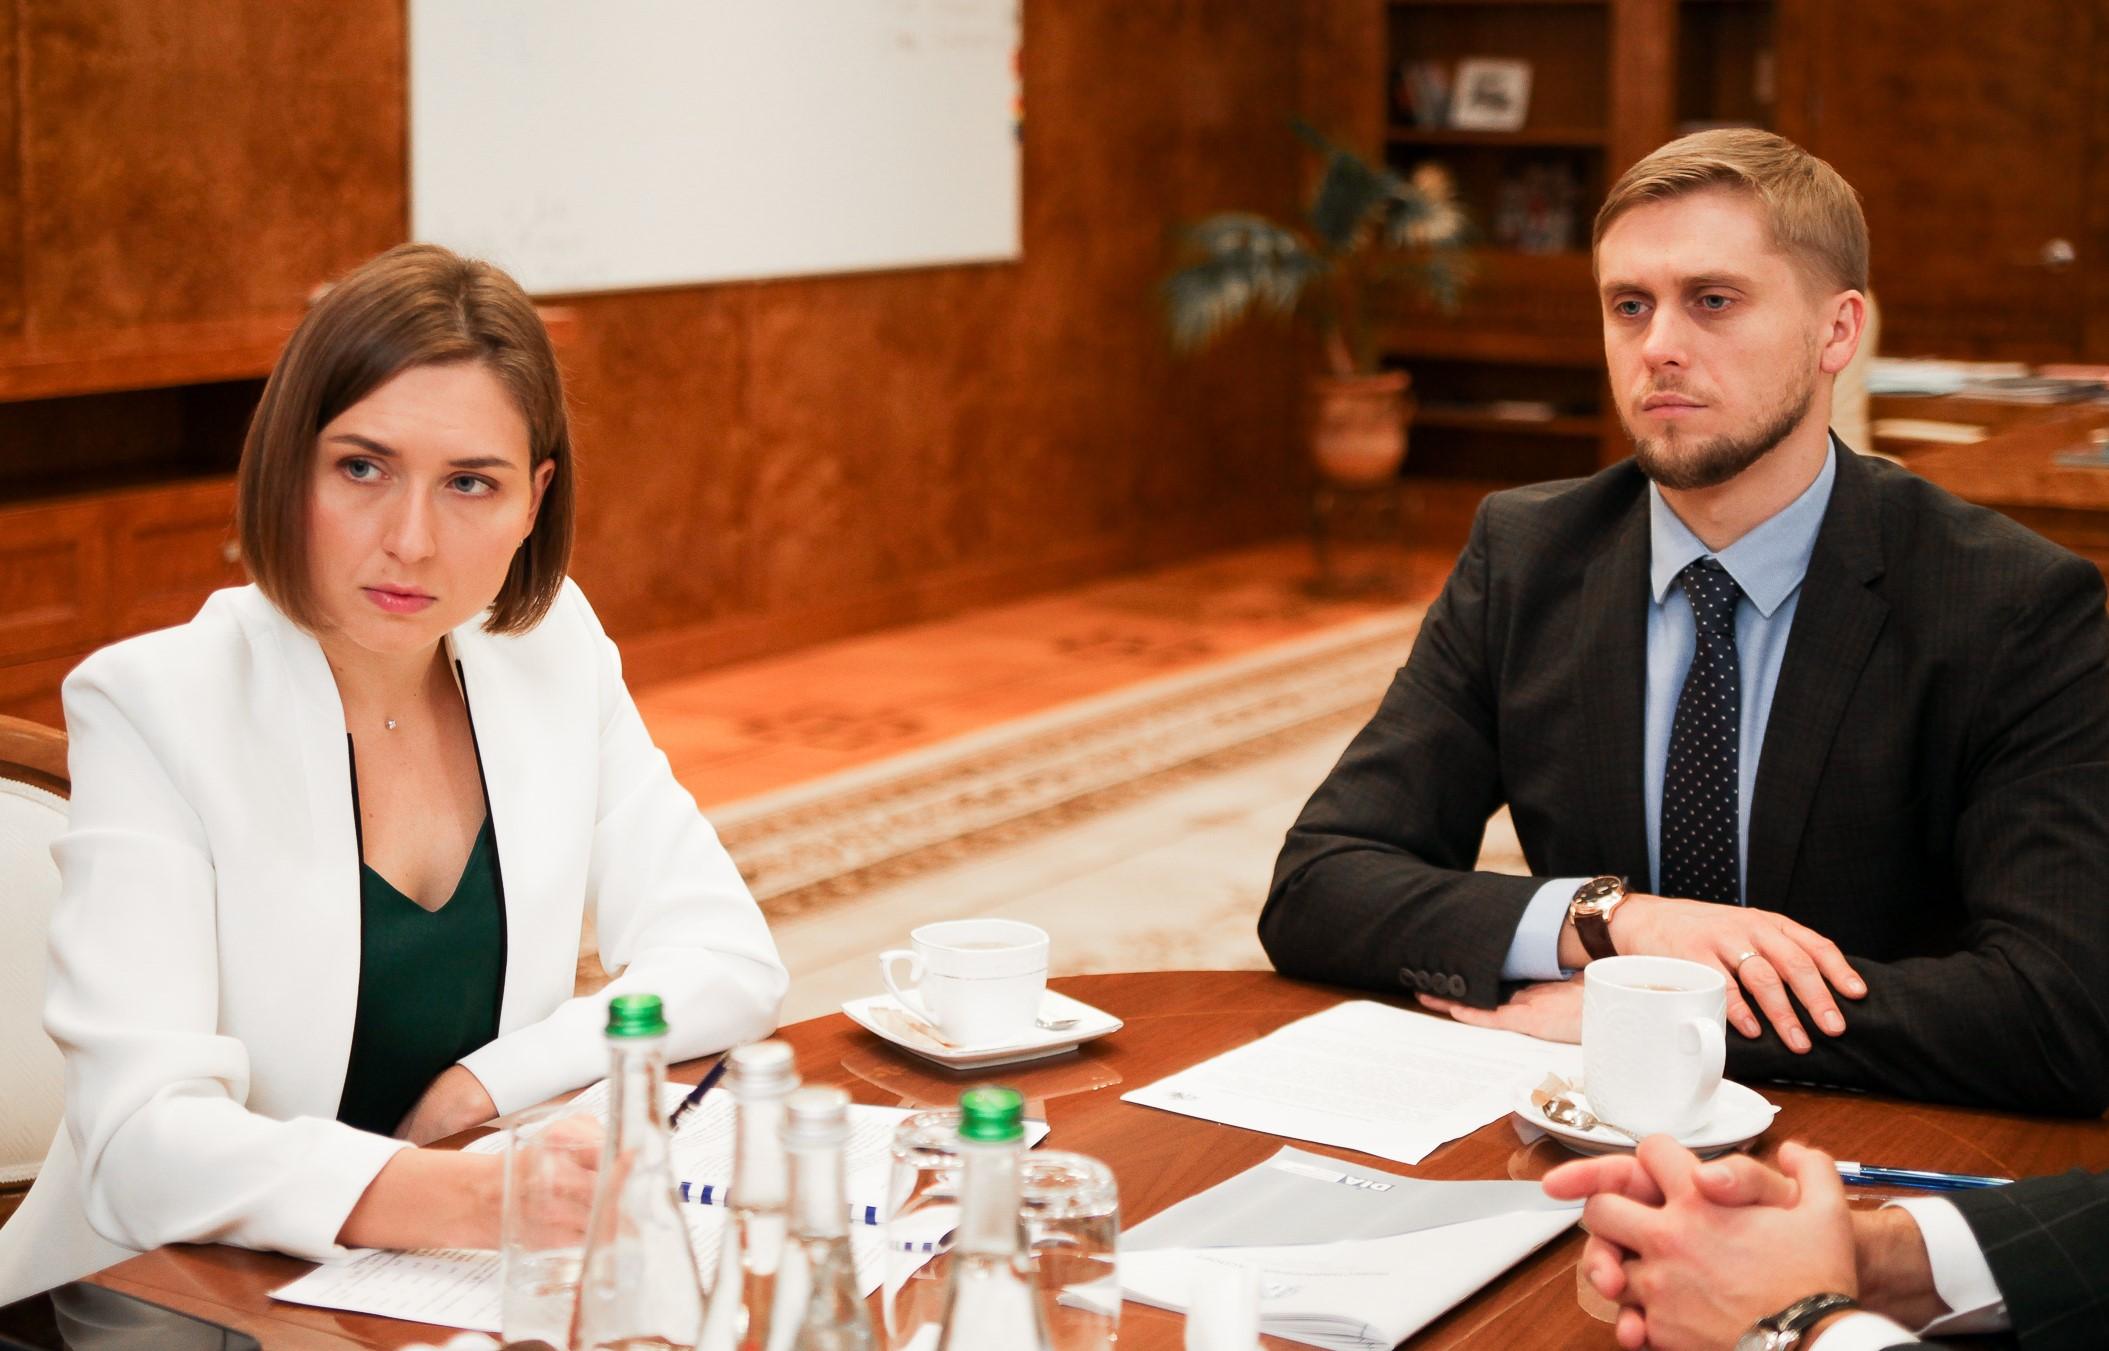 Ганна Новосад та Олександр Бондаренко зустрілися у Дніпропетровській ОДА